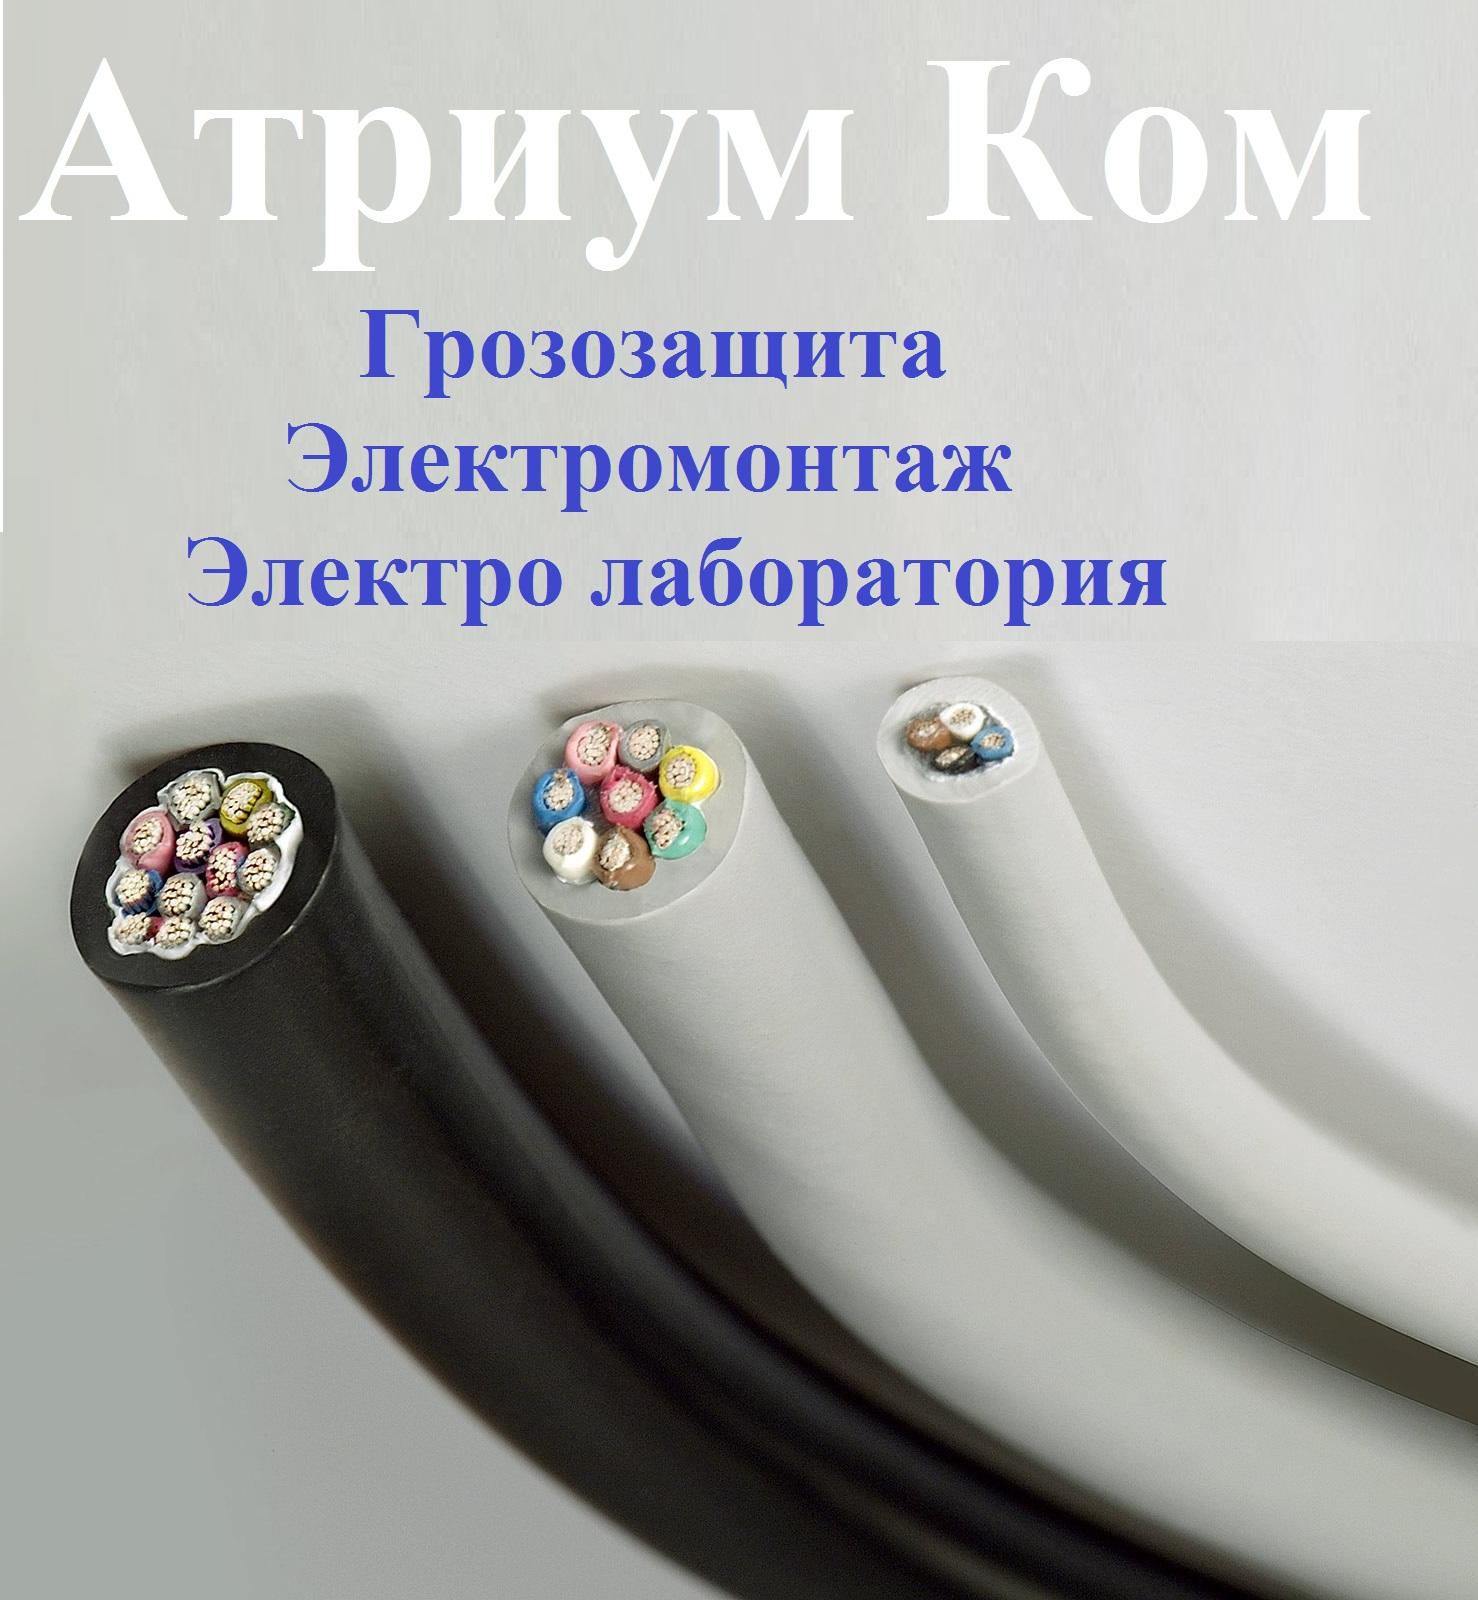 elektromontazhnye_i_elektroustanovochnye_raboty_uslugi_laboratorii_elektroizmerenij_proektnye_raboty_osveshhenie_dekorativnoe_i_funkczionalnoe_vnutrennee